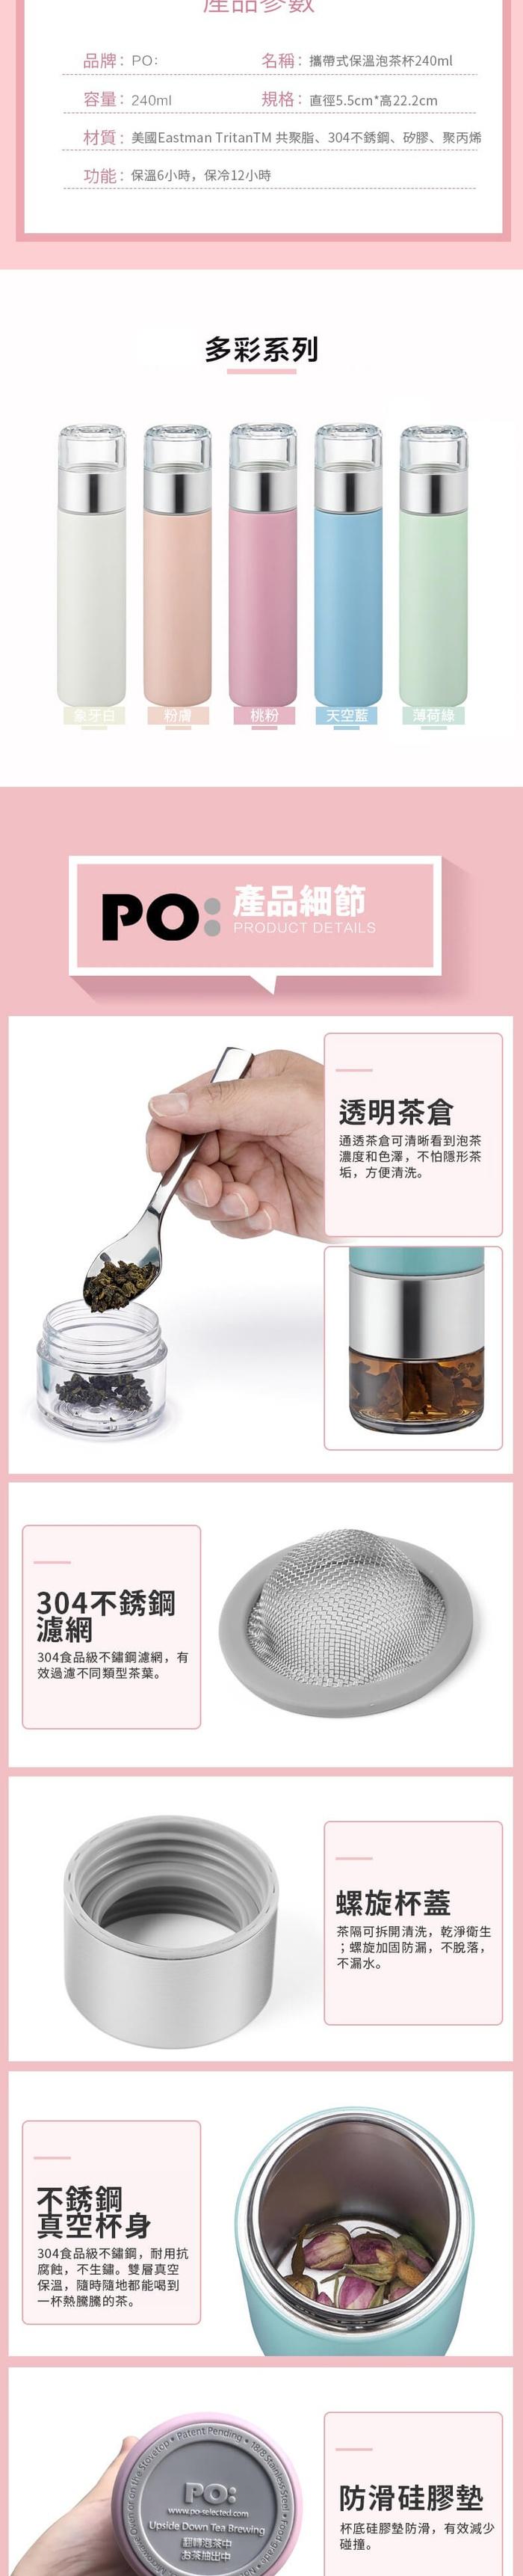 (複製)PO:Selected|攜帶式保溫泡茶杯240ml(薄荷綠)